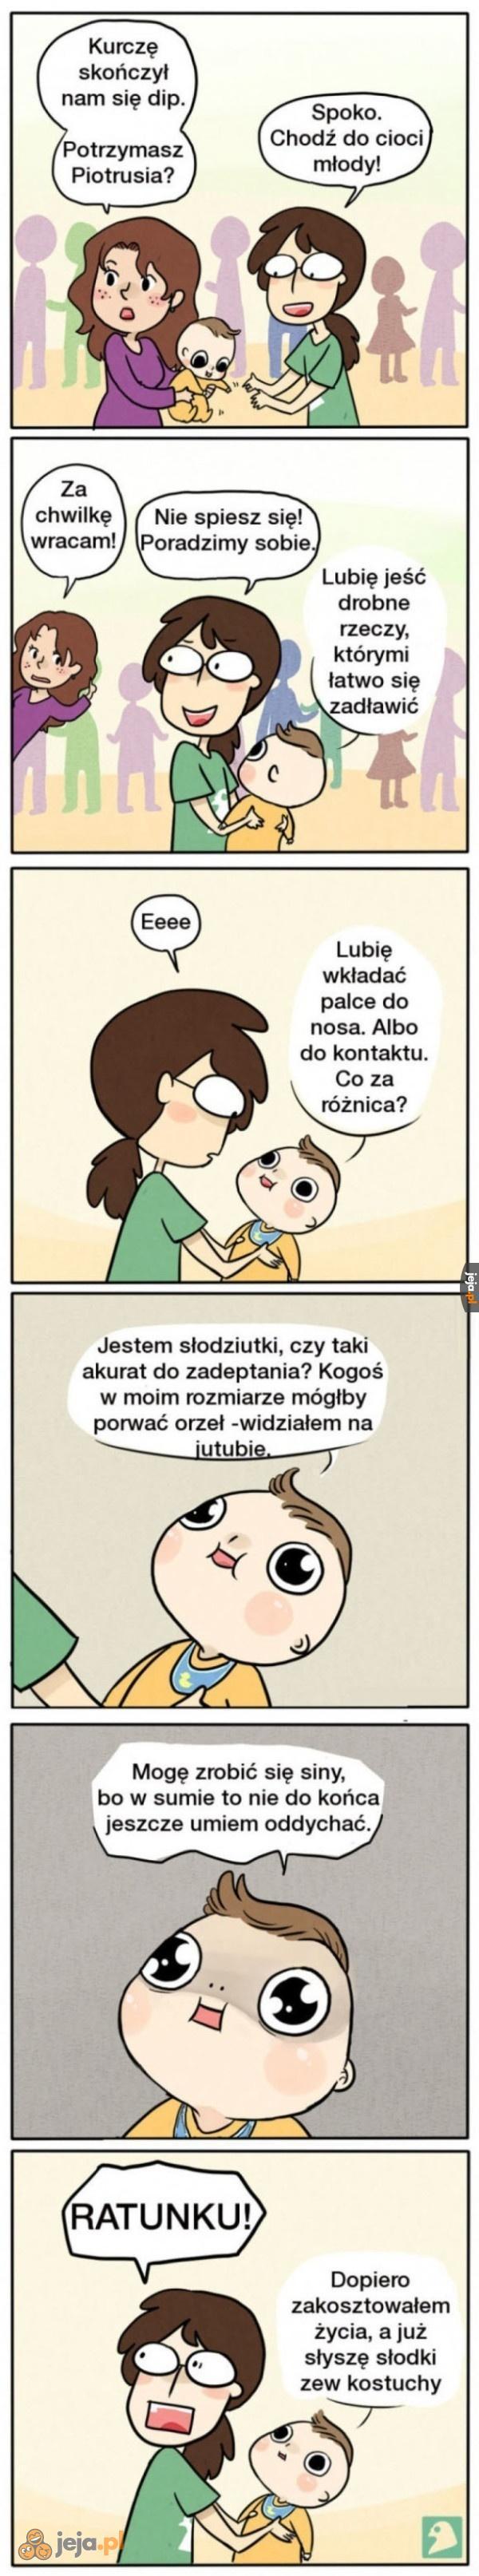 Kiedy mam potrzymać dziecko